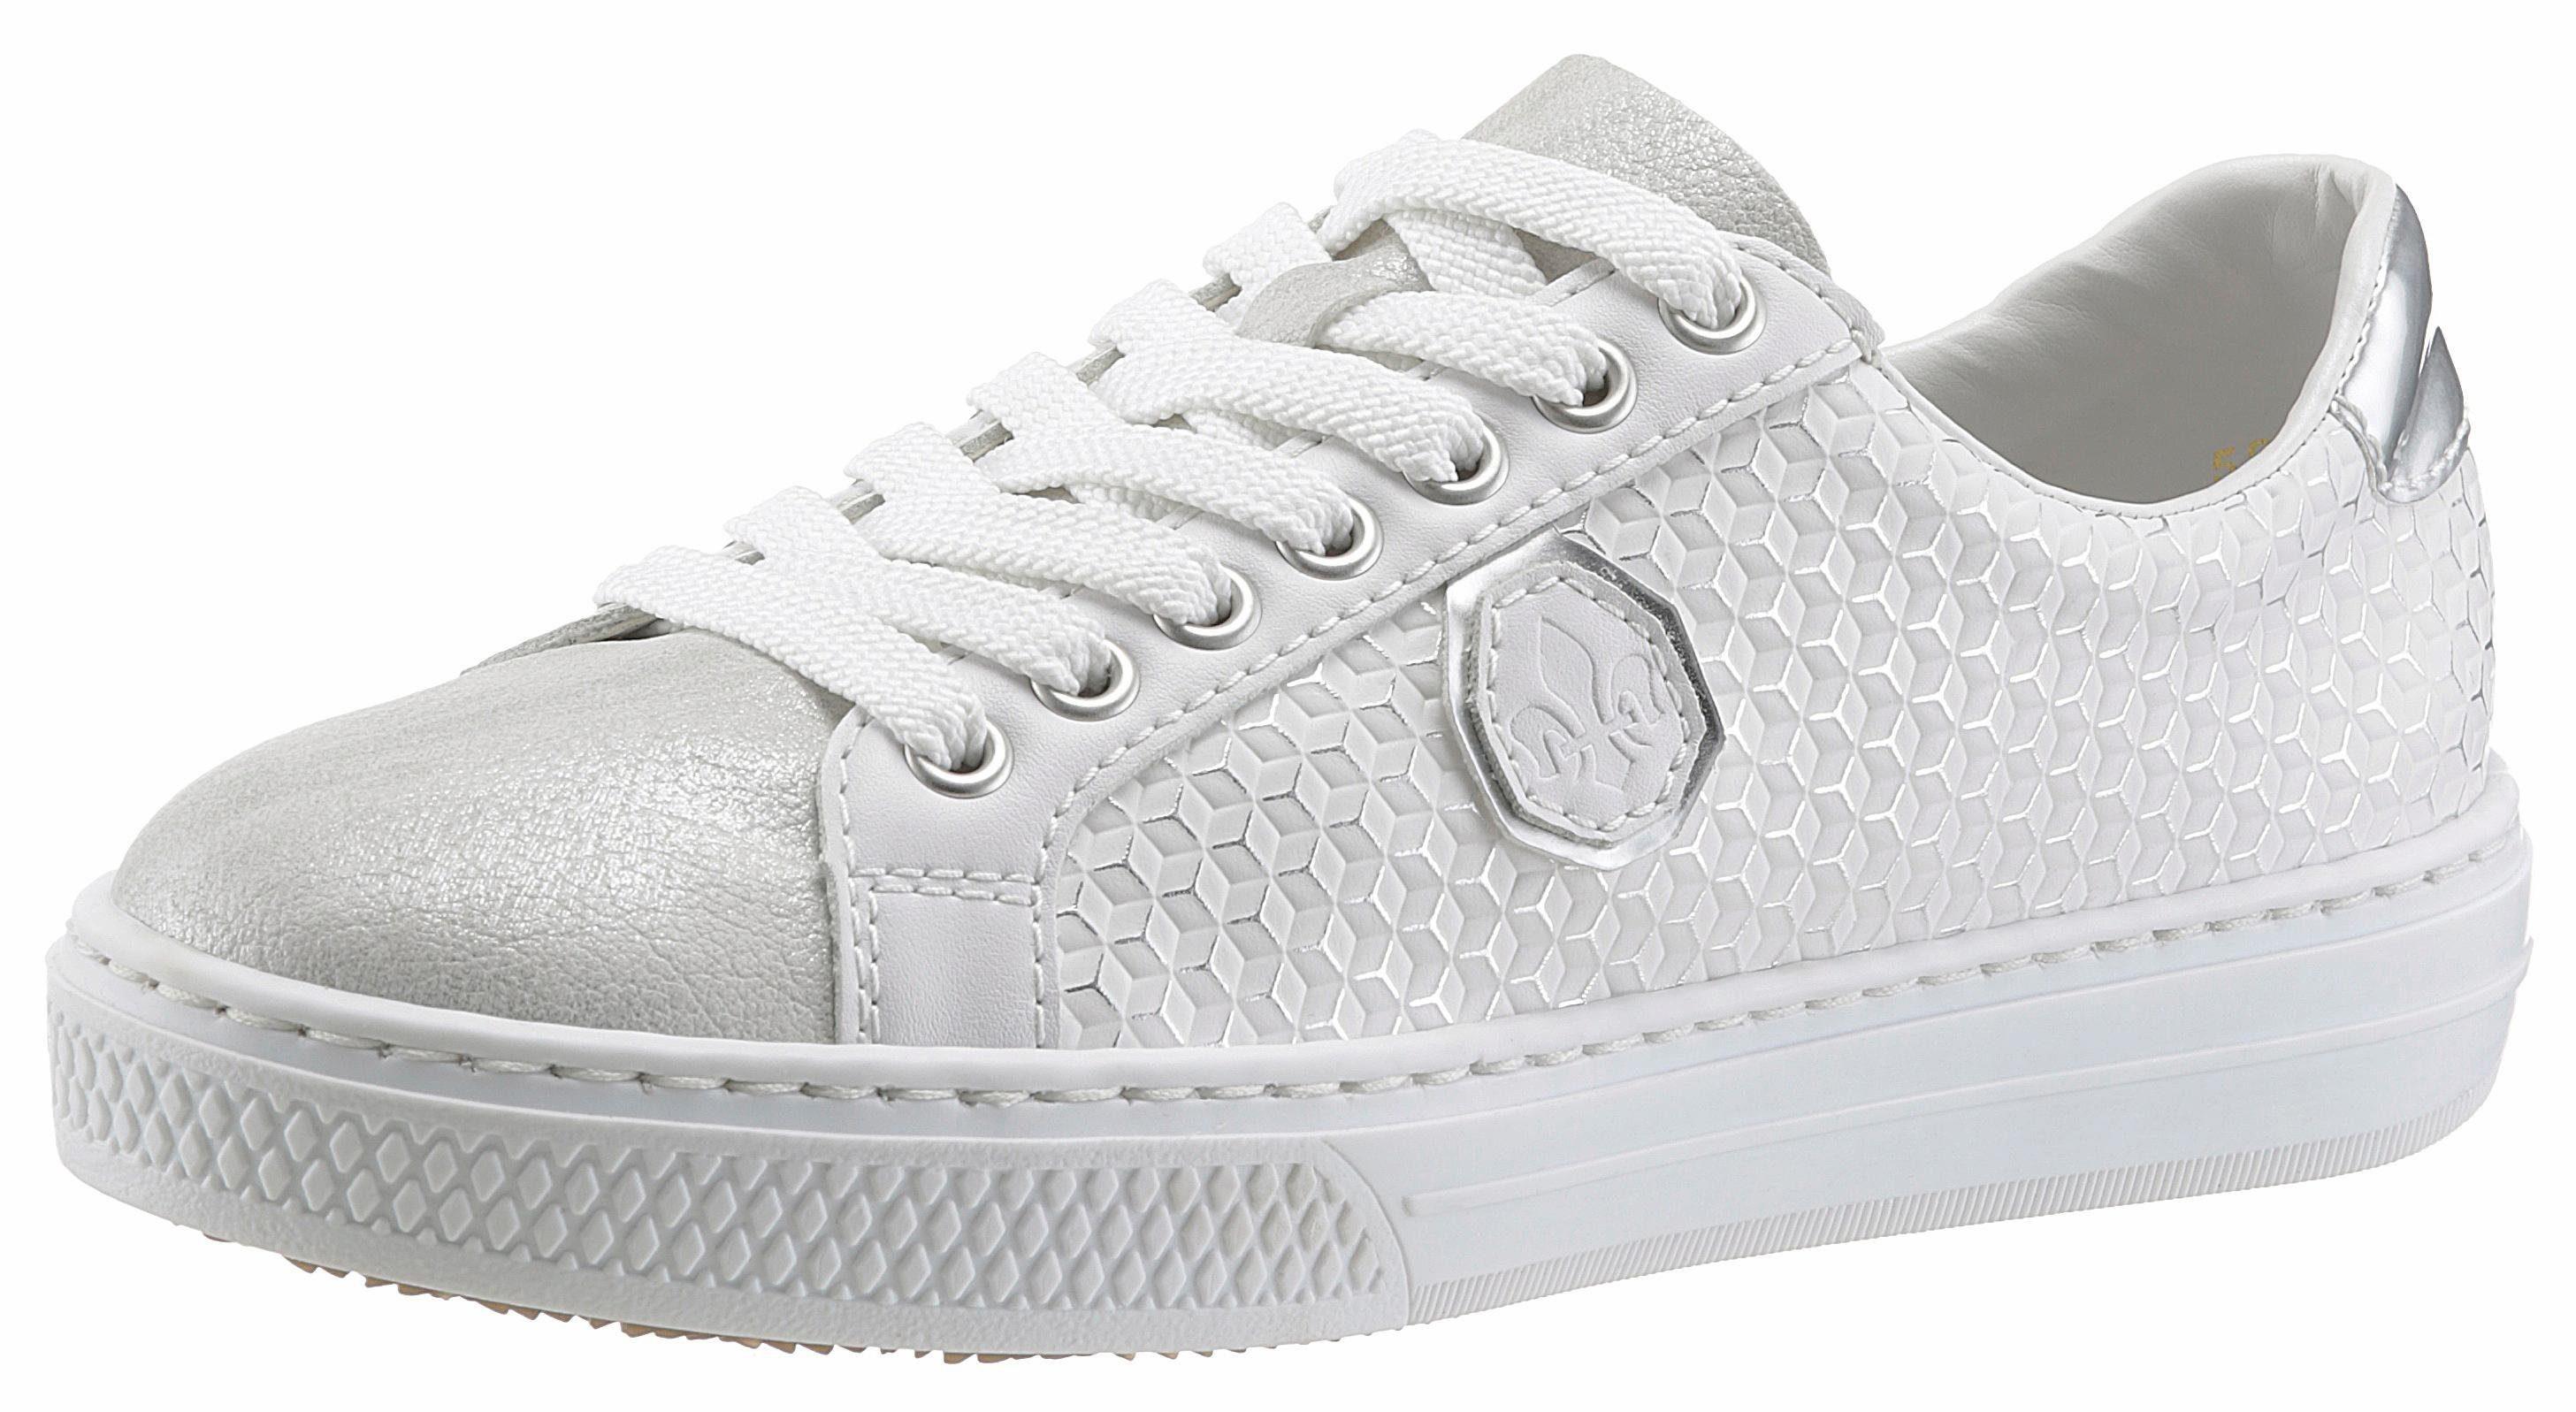 Rieker Sneaker mit auffälliger Schnürung, Obermaterial aus Lederimitat online kaufen | OTTO